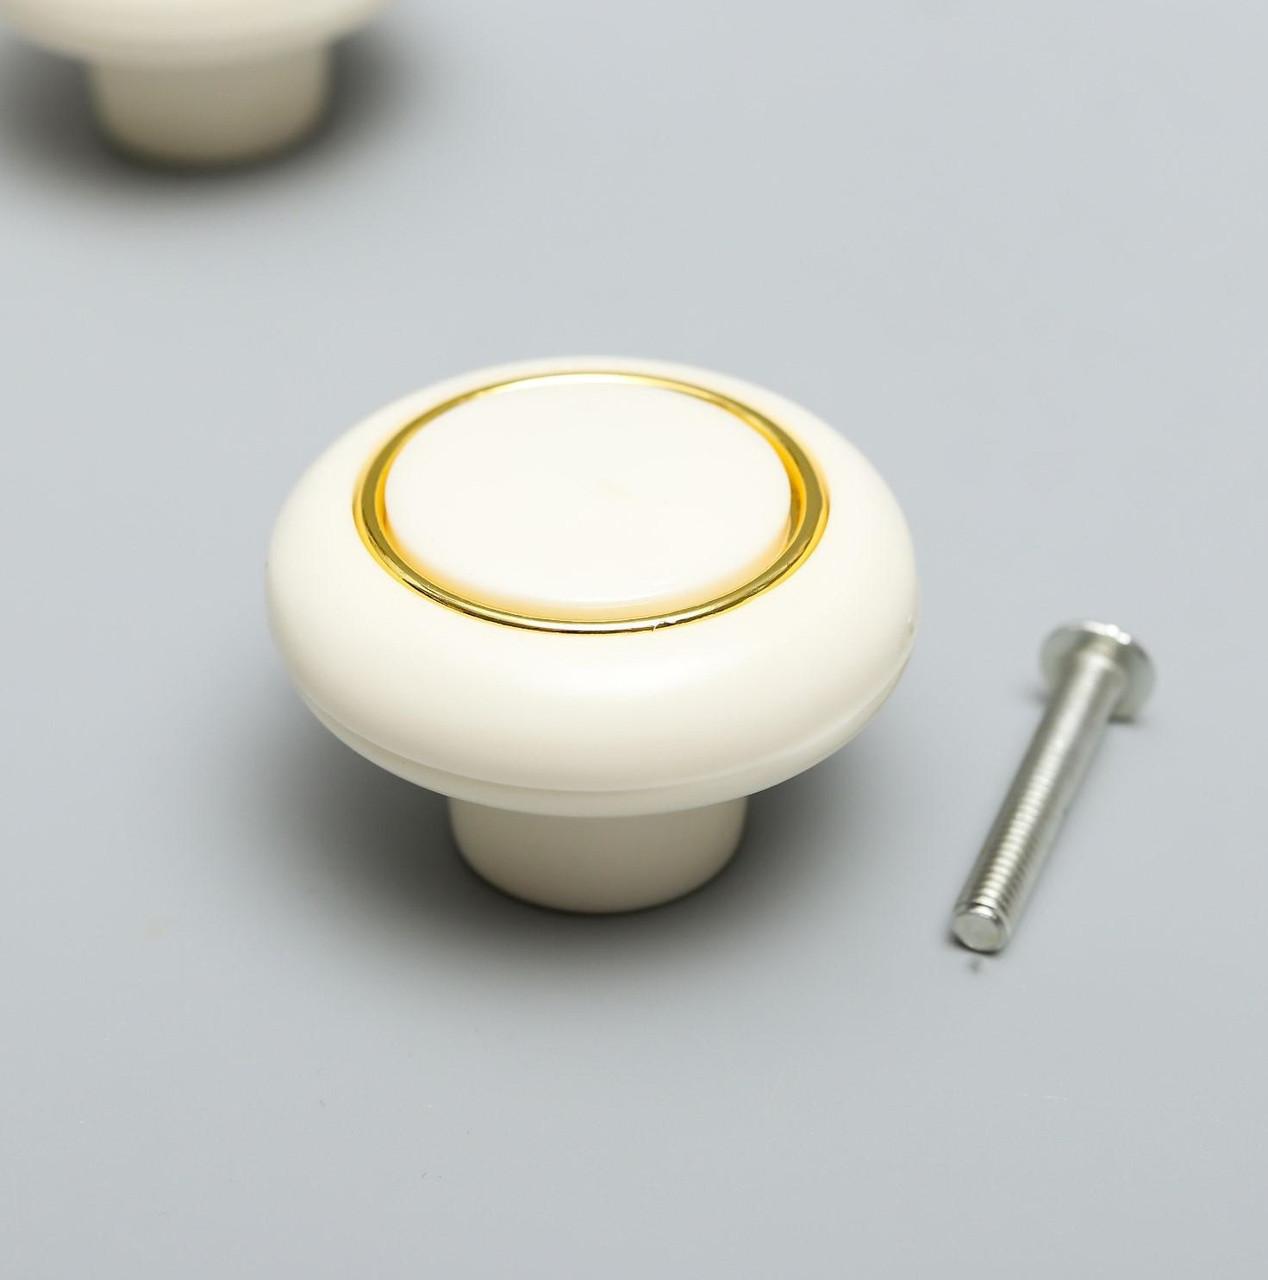 """Ручка для шкатулки пластик """"Ретро"""" белая с золотой полосой 2,7х3,8х3,8 см (2 шт)"""